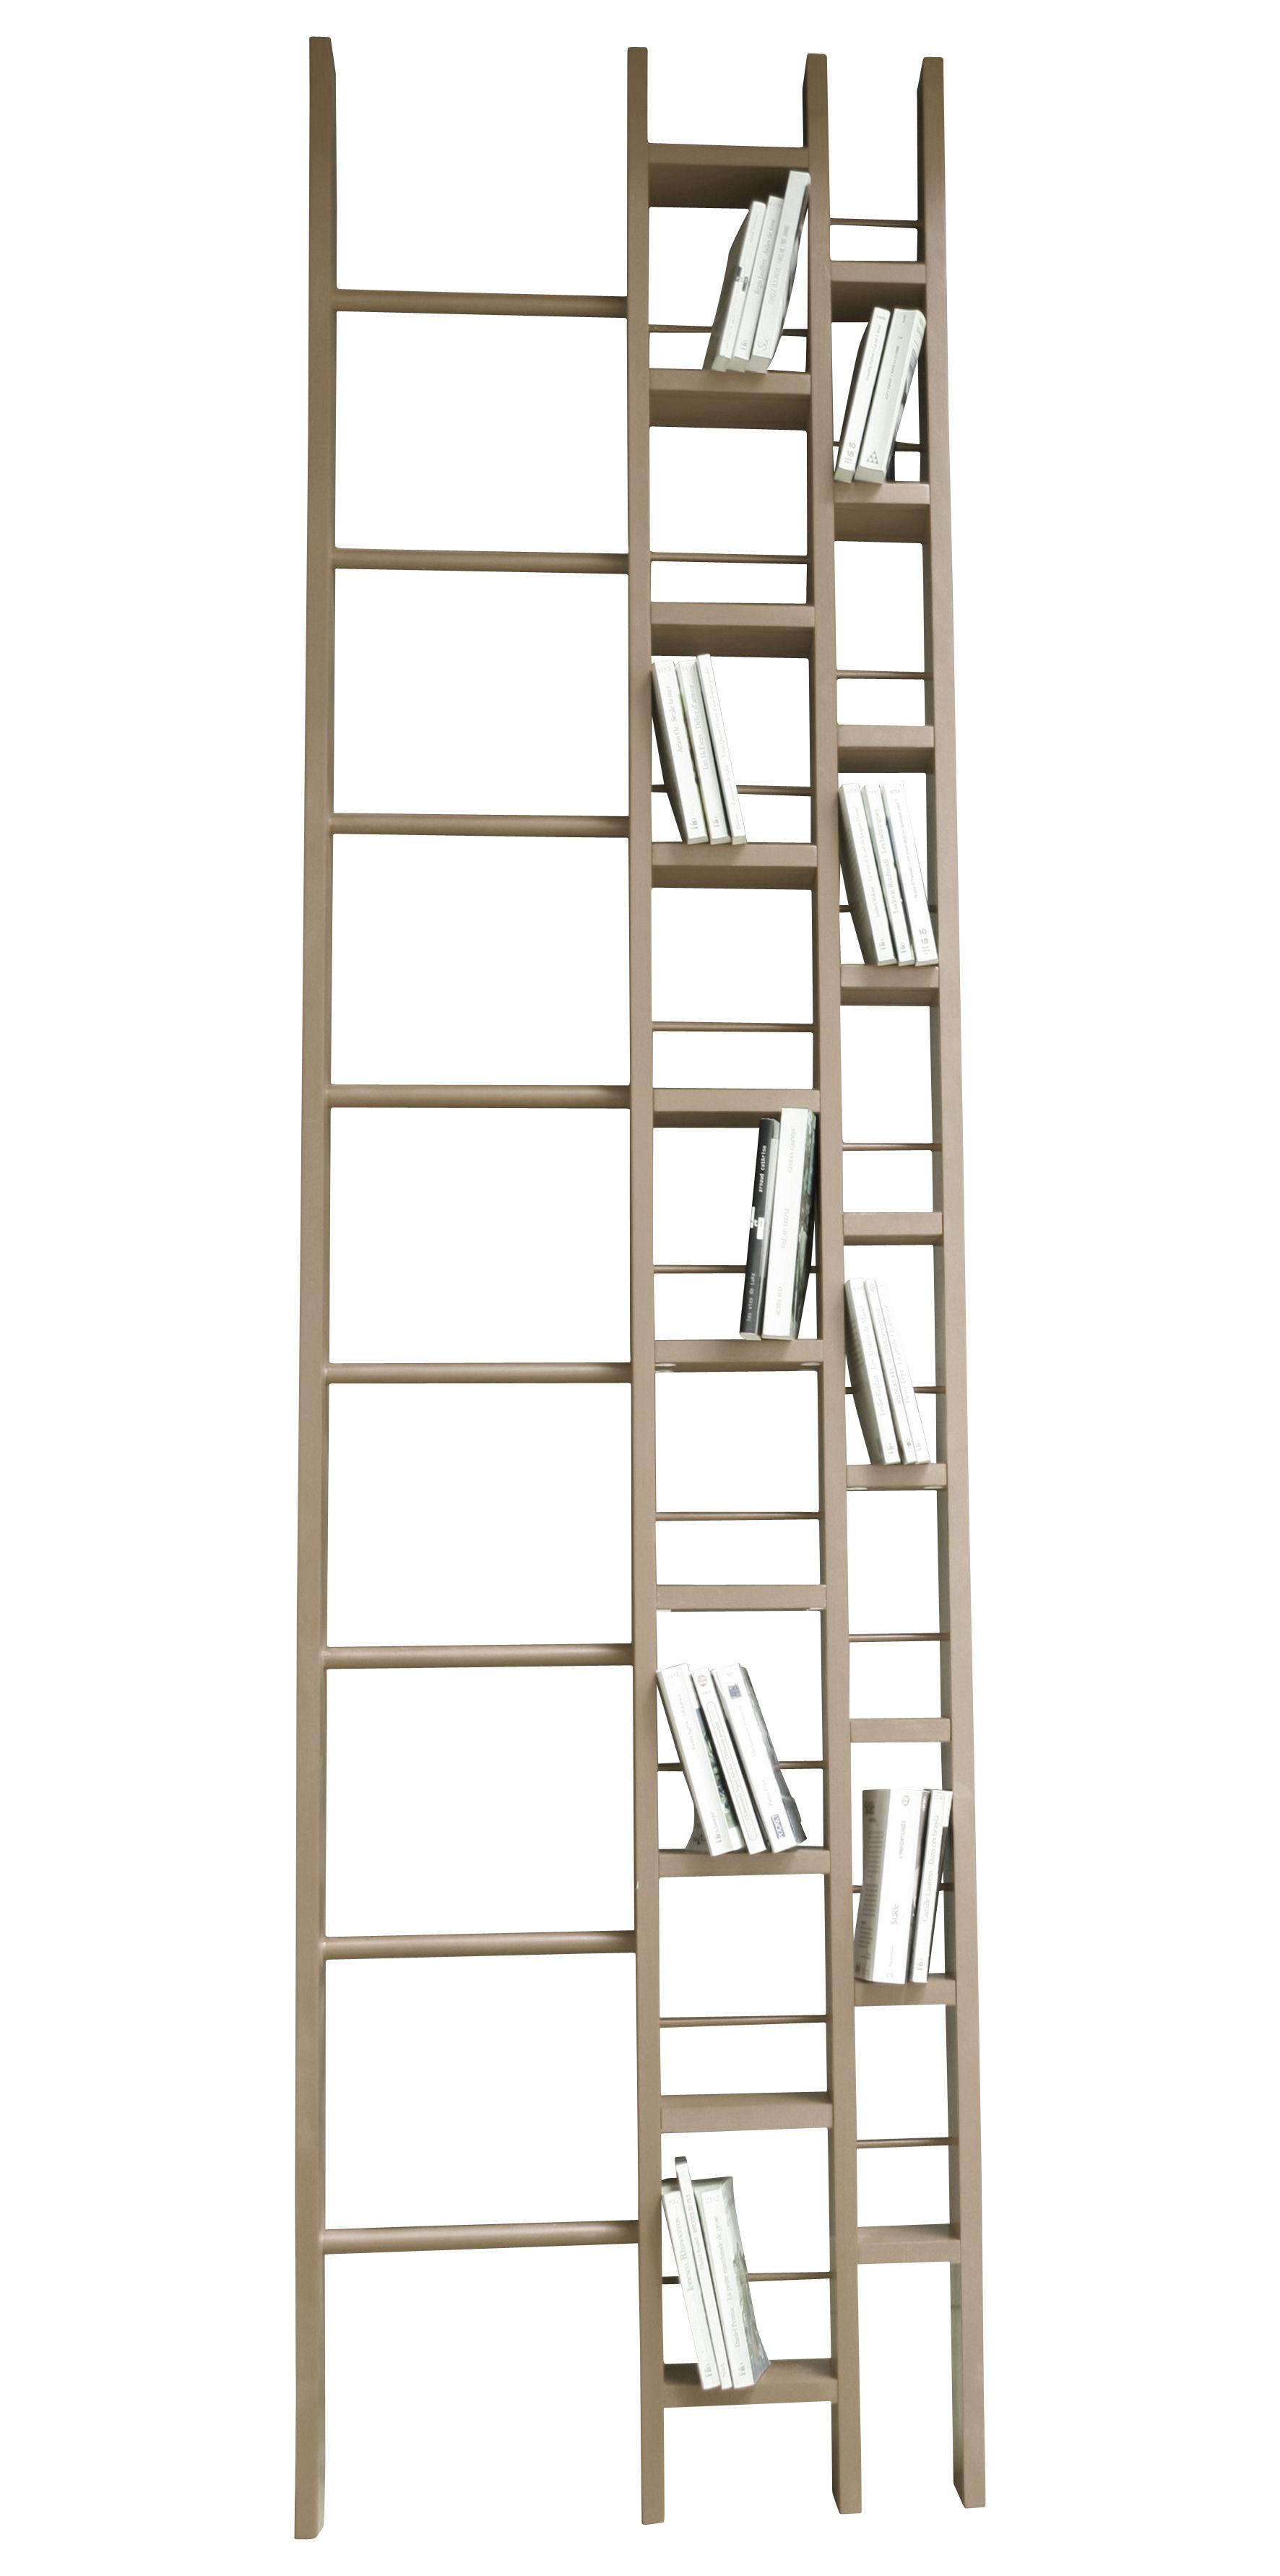 Mobilier - Etagères & bibliothèques - Bibliothèque Hô / L 64 x H 240 cm - La Corbeille - Hêtre - Hêtre verni